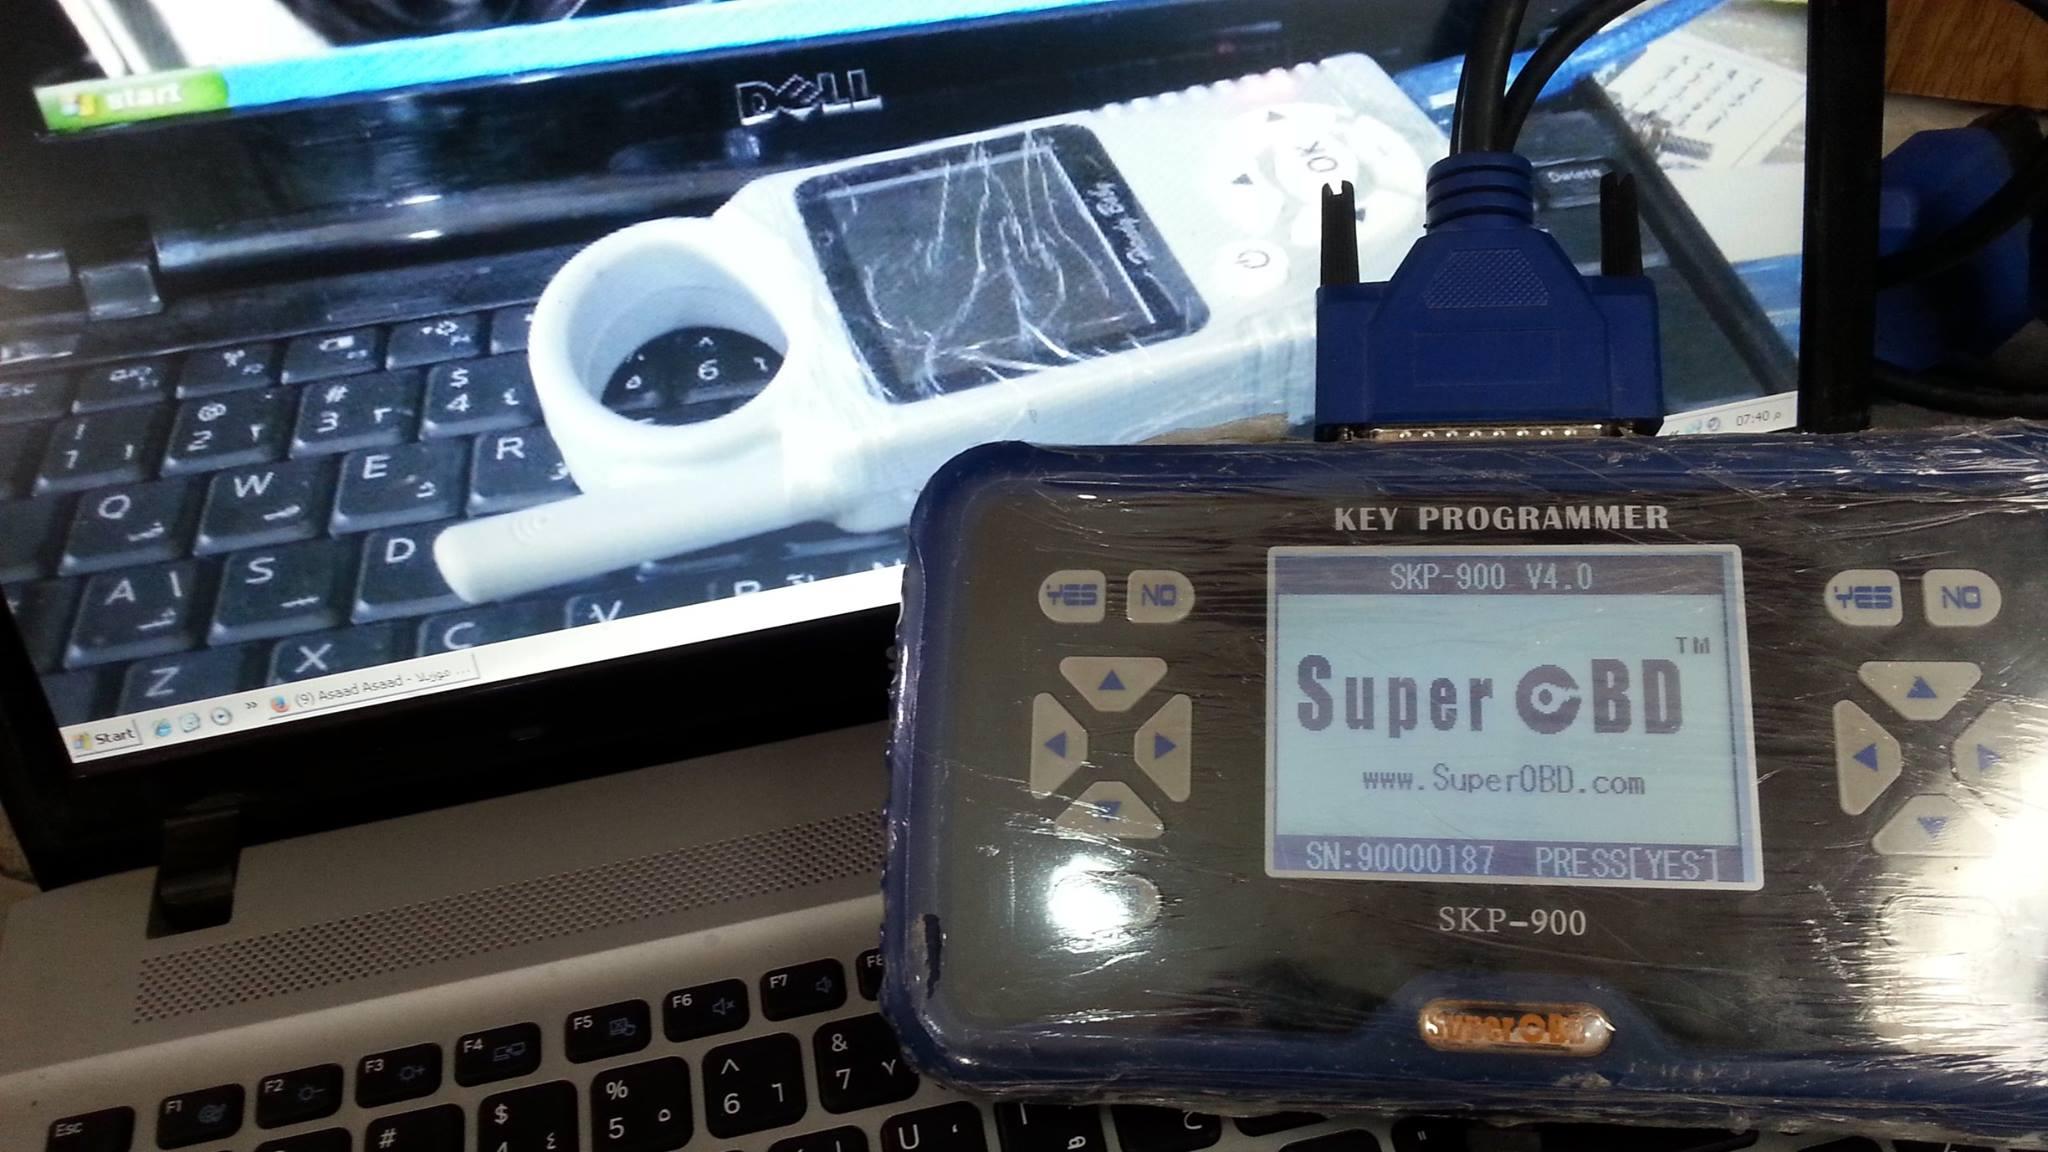 SKP-900-V4.0 (5)